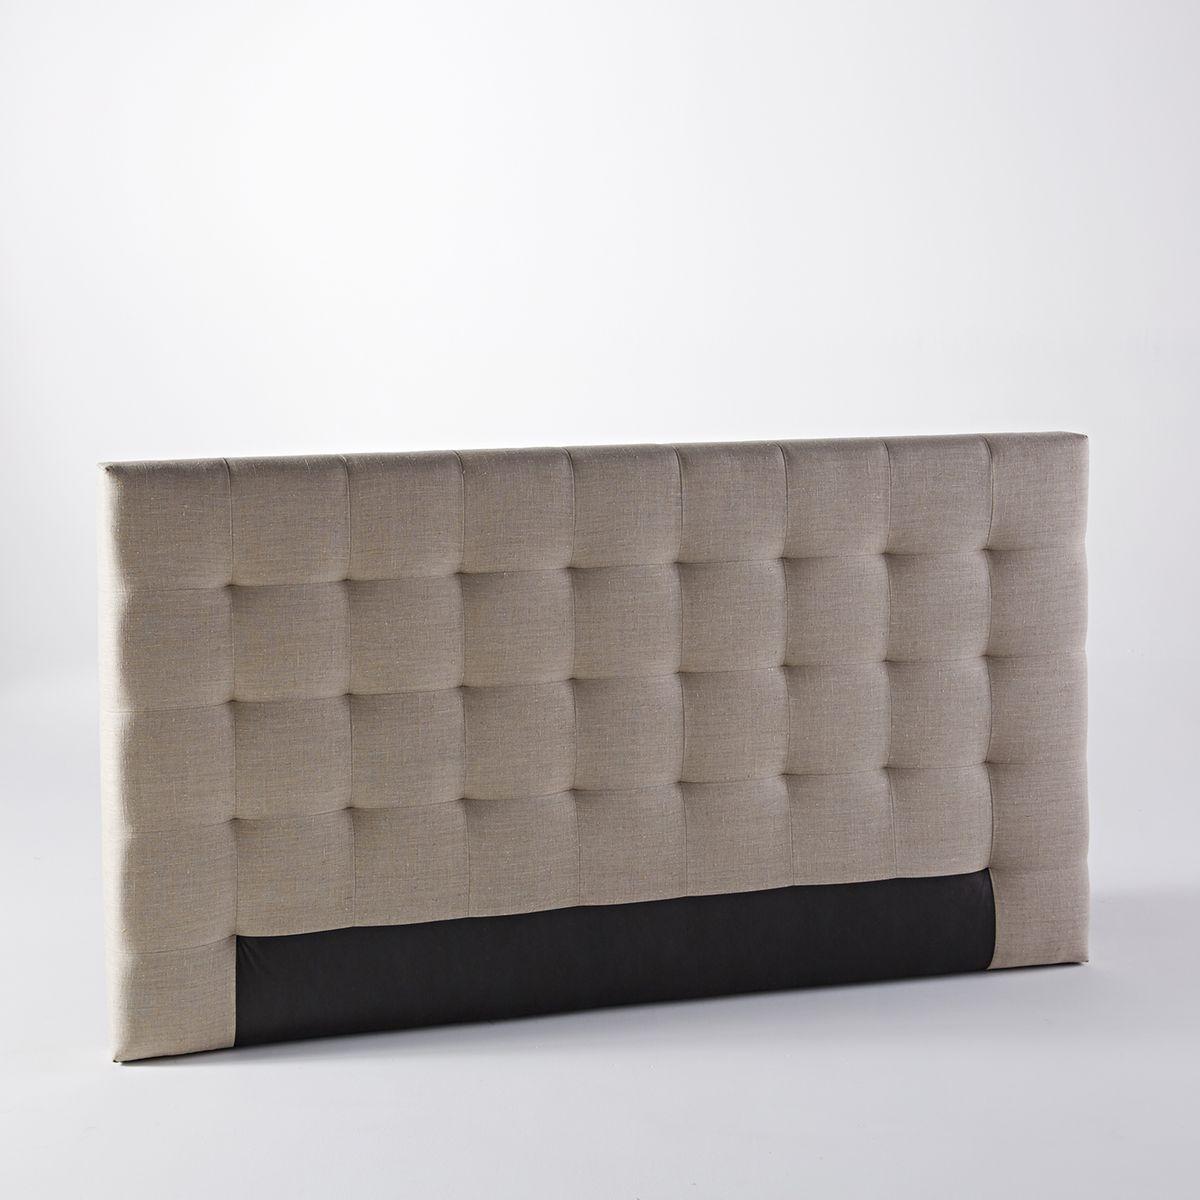 Prix des meuble chambre 2 - Porte capitonnee prix ...